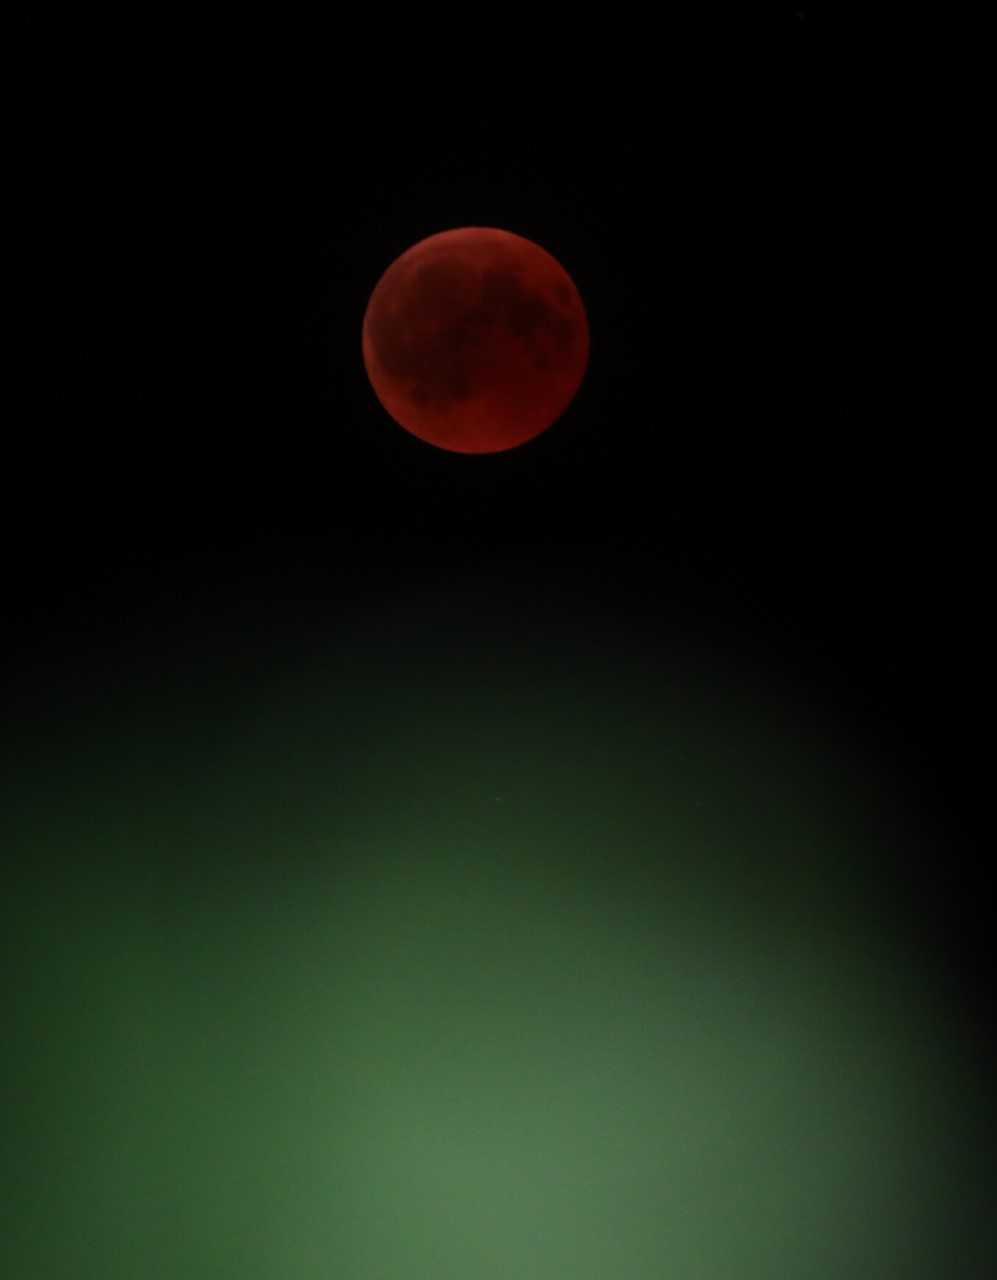 Обратно на слънчевите затъмнения, лунните затъмнения не представляват никаква опасност за зрението.